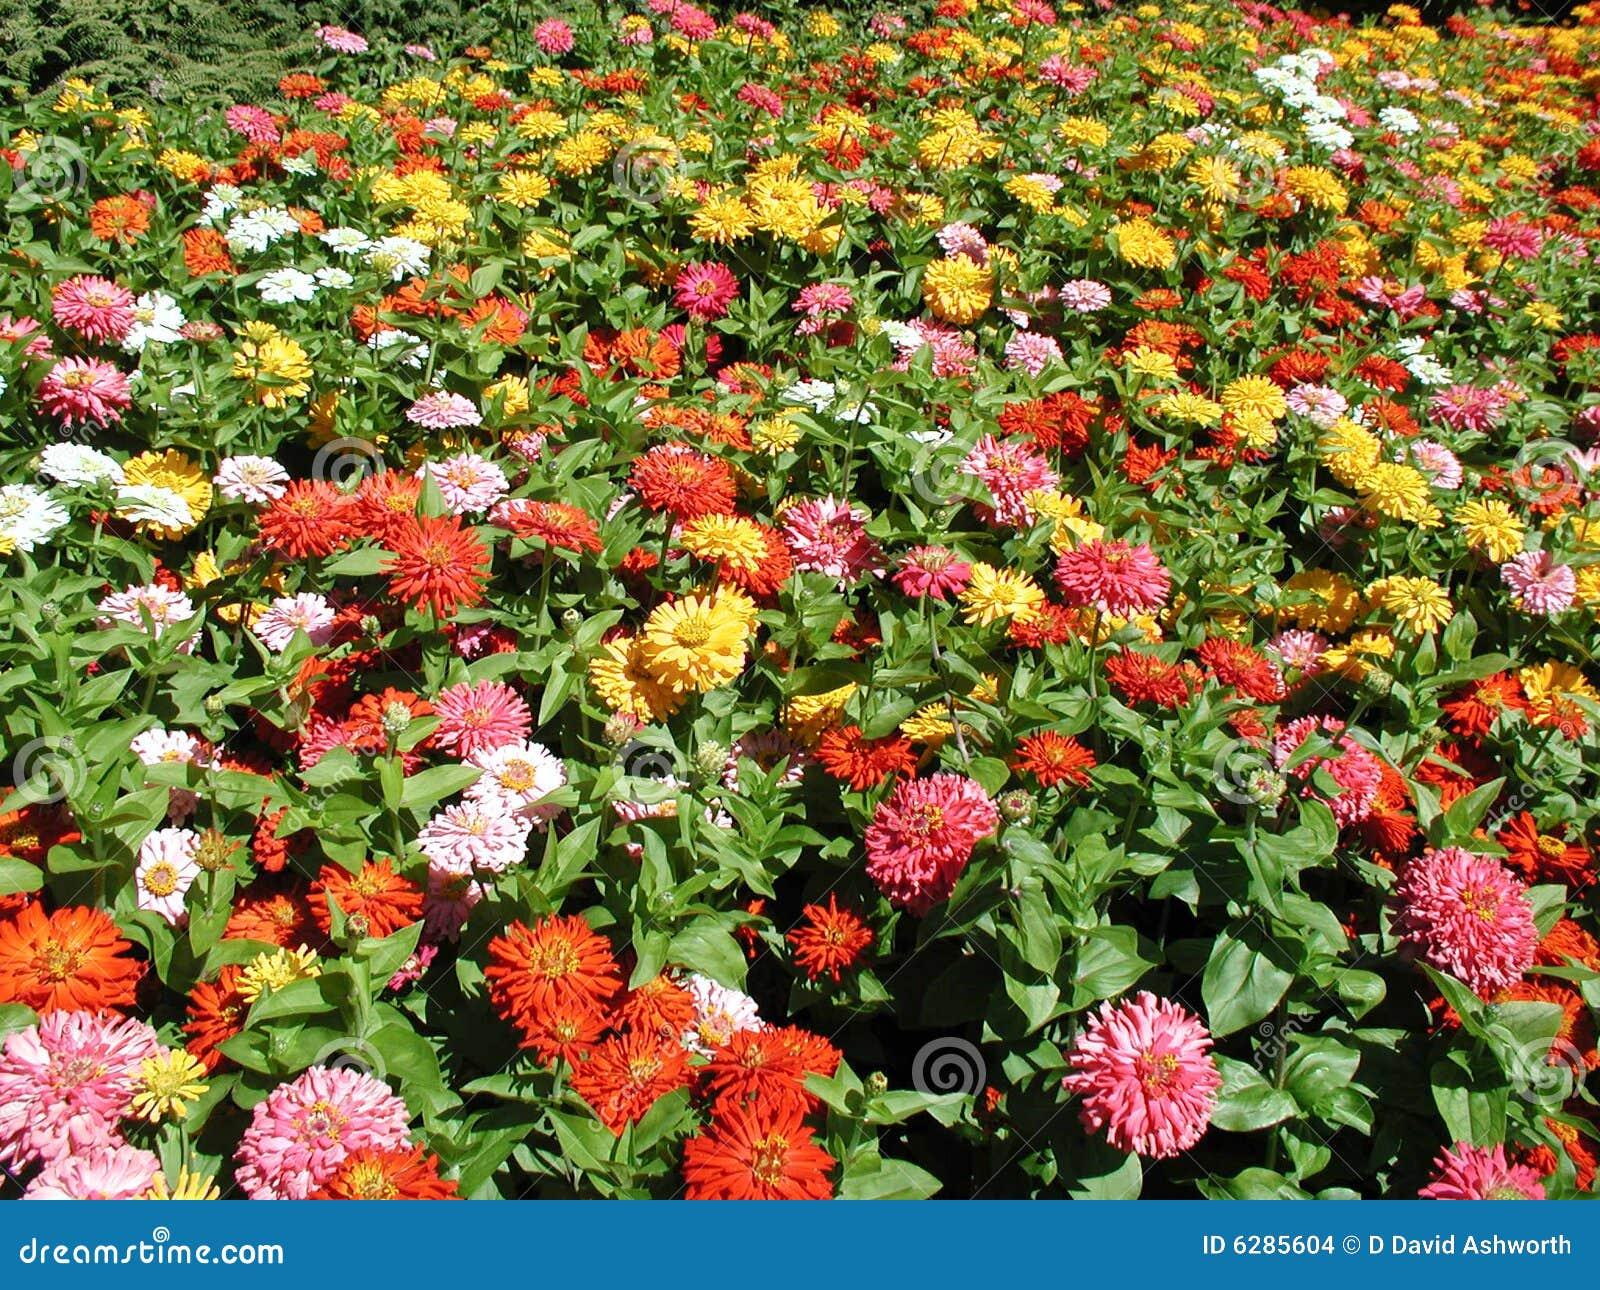 flores de jardim fotos:Massa das flores coloridas que florescem no jardim.